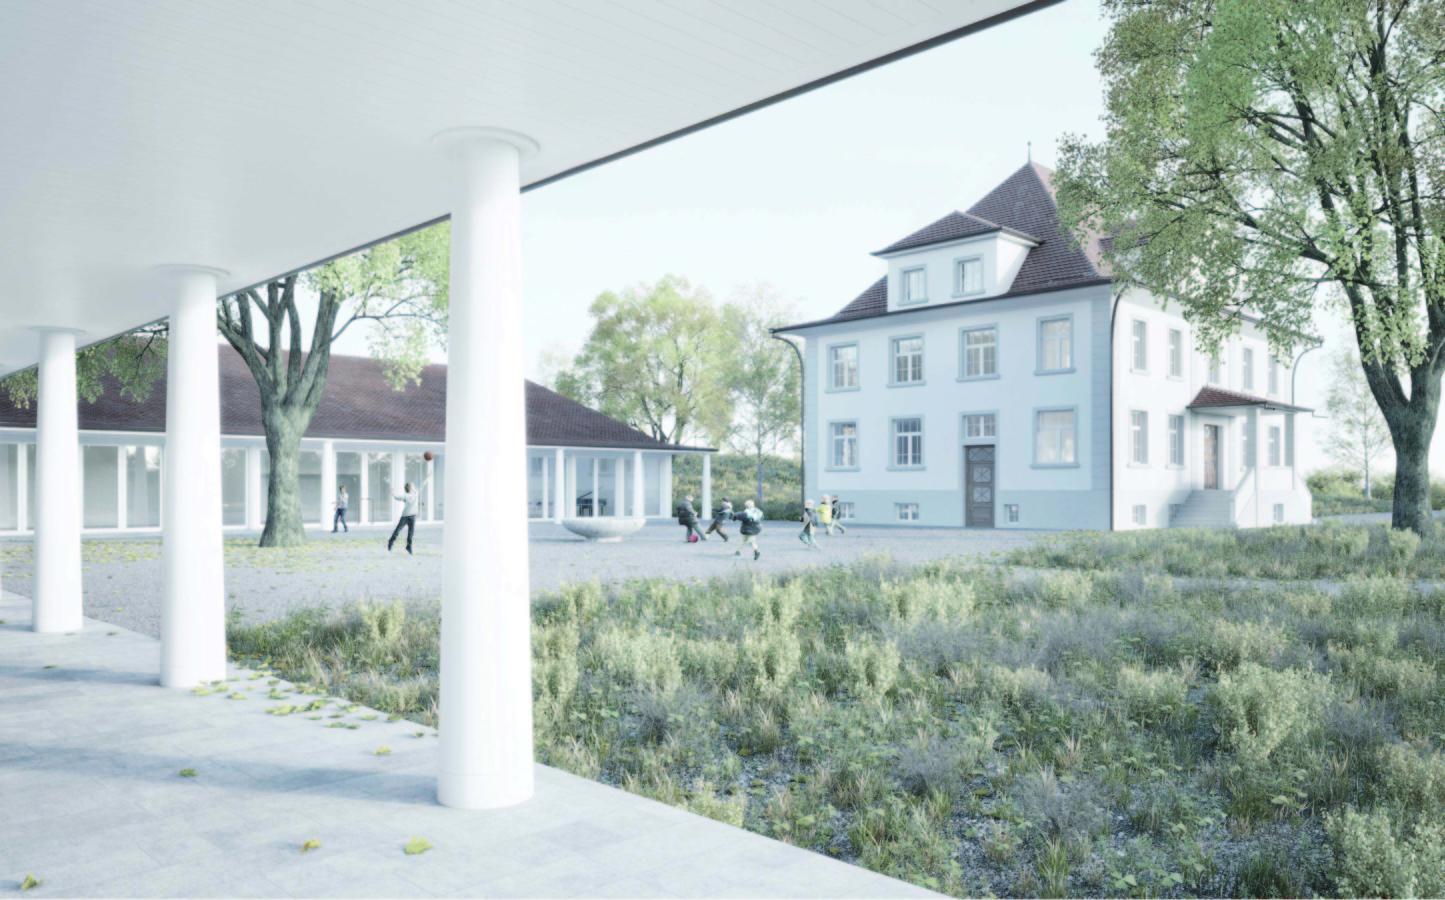 Siegerprojekt Pusteblume von ARGE Thomas De Geeter Architektur / Baumanagement bosshard und partner (Visualisierung: Projektverfassende)